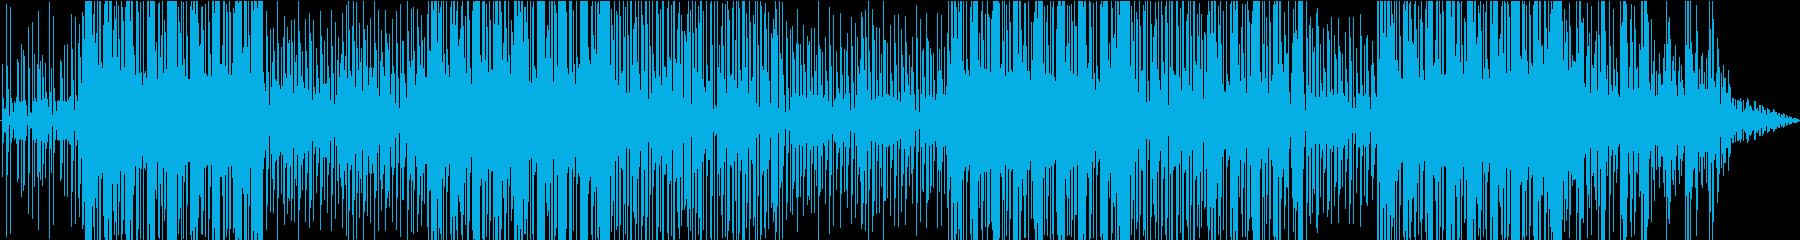 ファンキーでポップなラテン系ミュージックの再生済みの波形